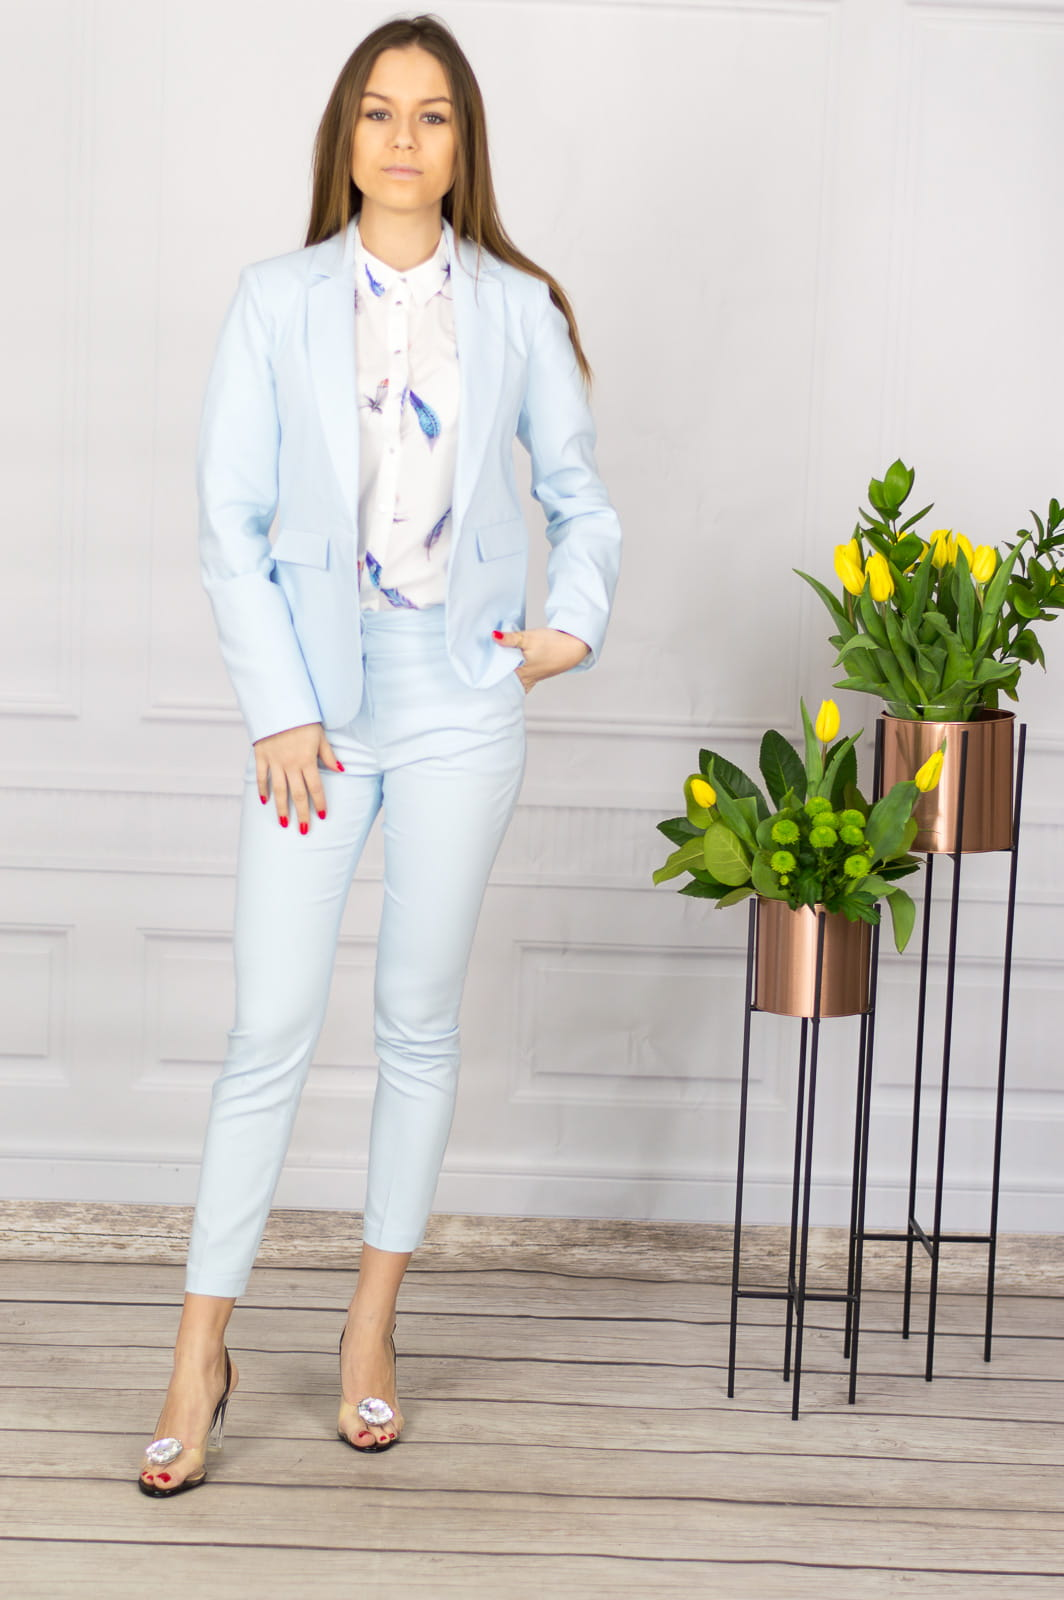 fb781273aa9f3e Eleganckie spodnie damskie BB niebieskie 7/8 - Isuka. 28663_25514.  promocja. 28663_25514; 28663_25515; 28663_25516; 28663_25517; 28663_25518